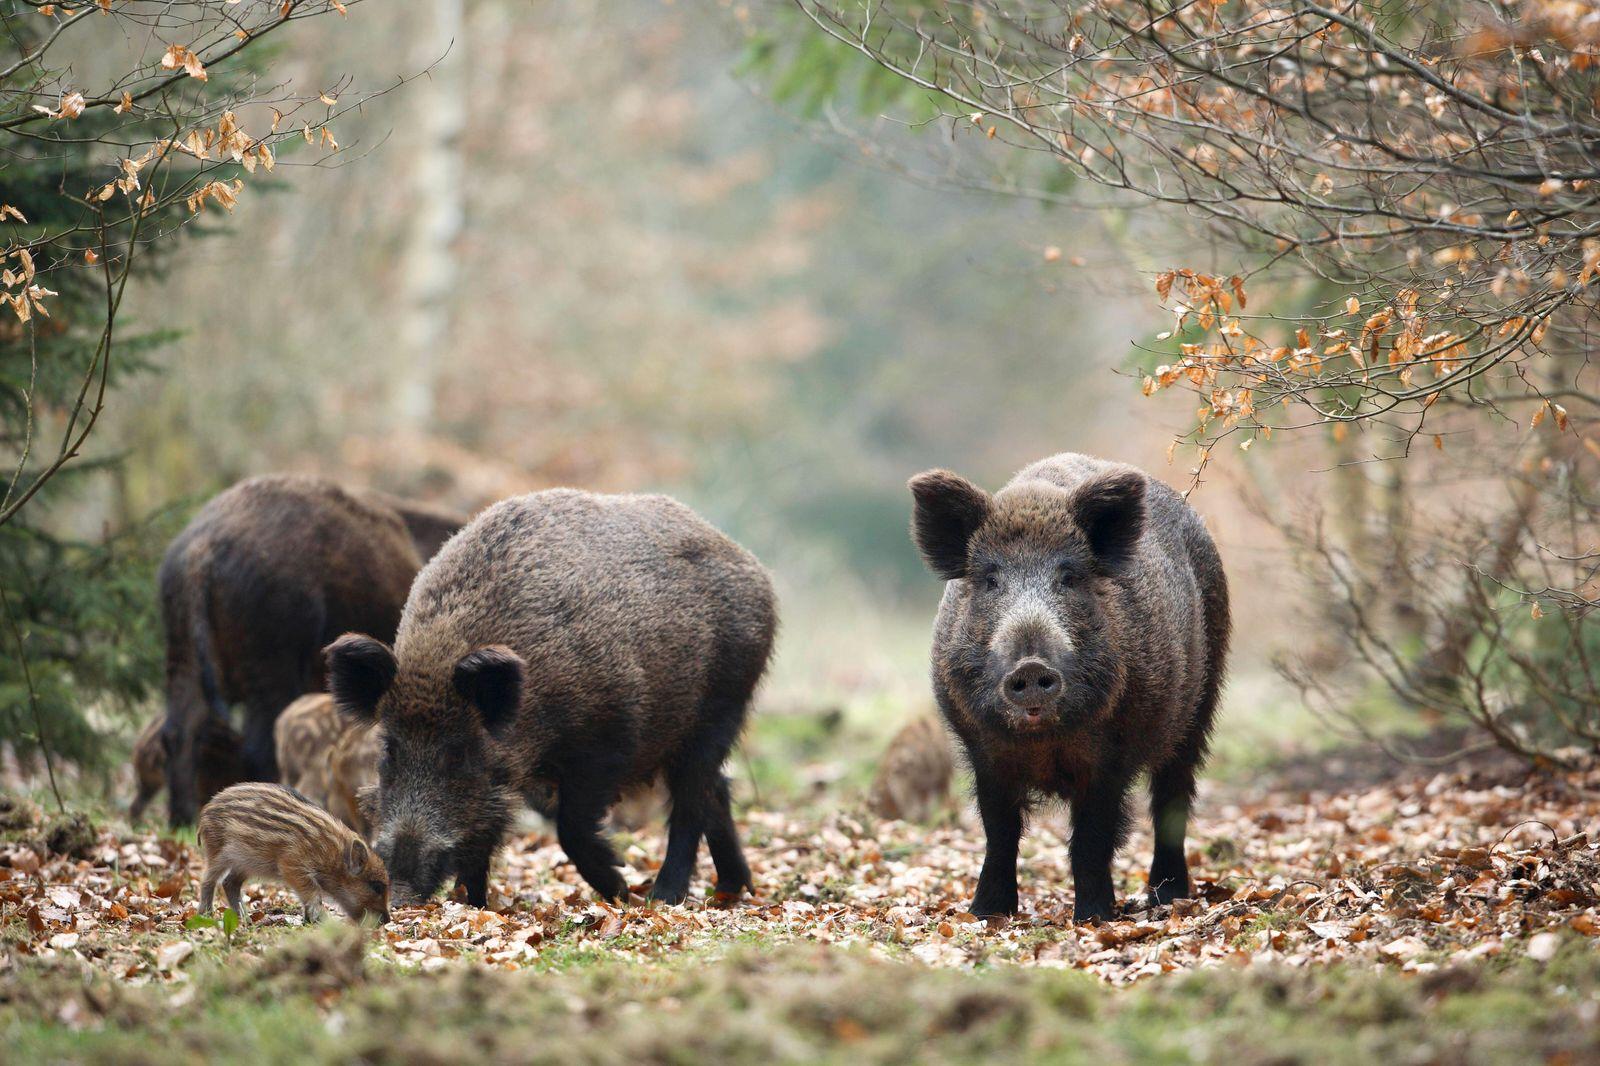 Wildschweine (Sus scrofa) mit Frischlingen im Wald, Deutschland, Europa *** Wild boars Sus scrofa with fresh boars in t